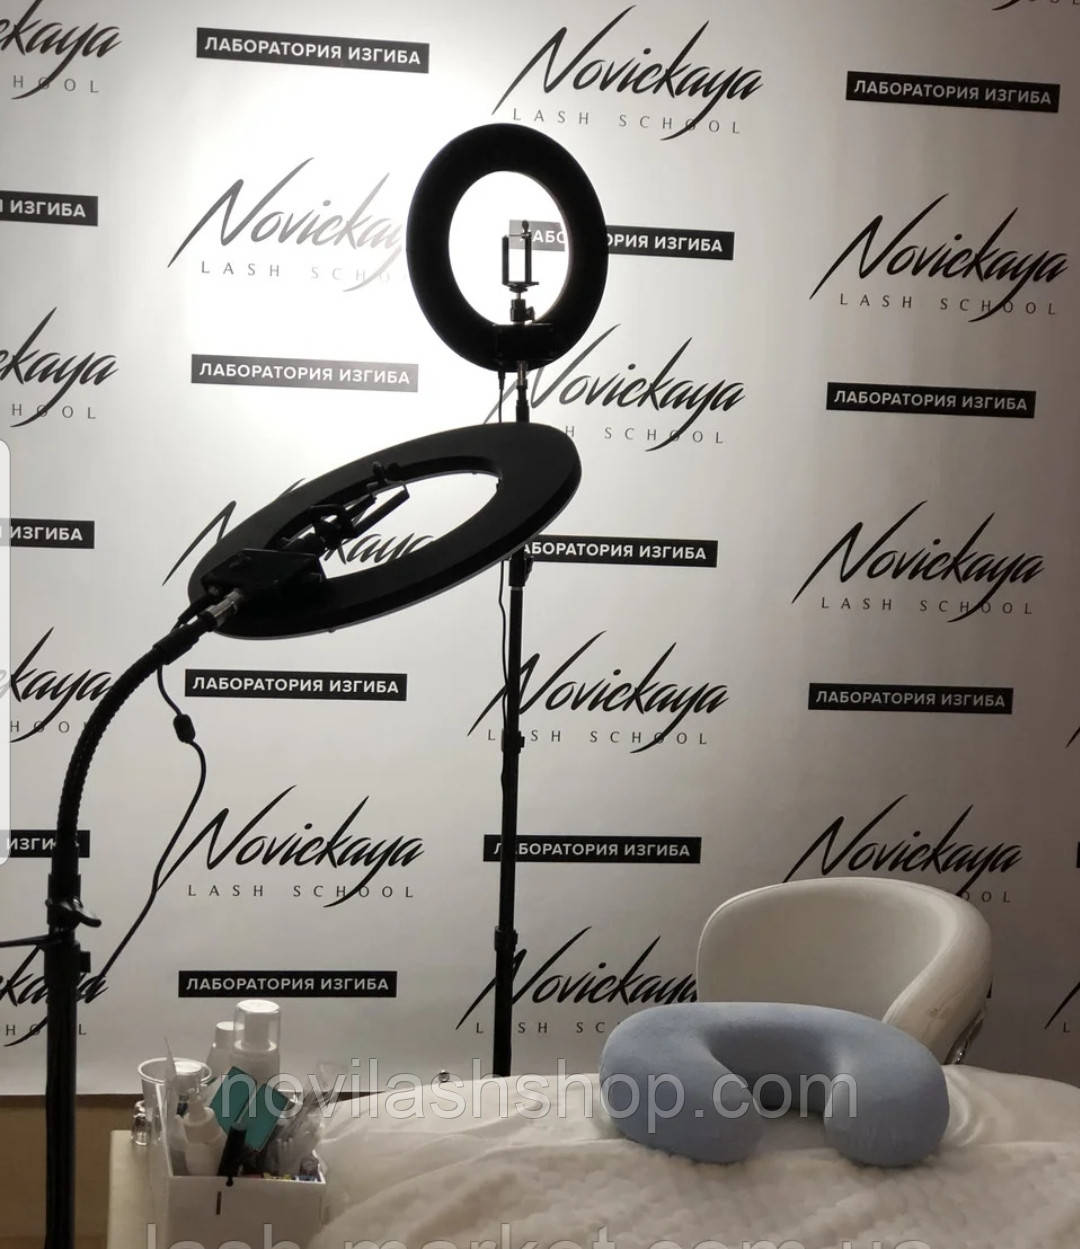 Кольцевая лампа RL-2 (напольная) для косметологии, наращивания ресниц (без регулировки) BeautyLight